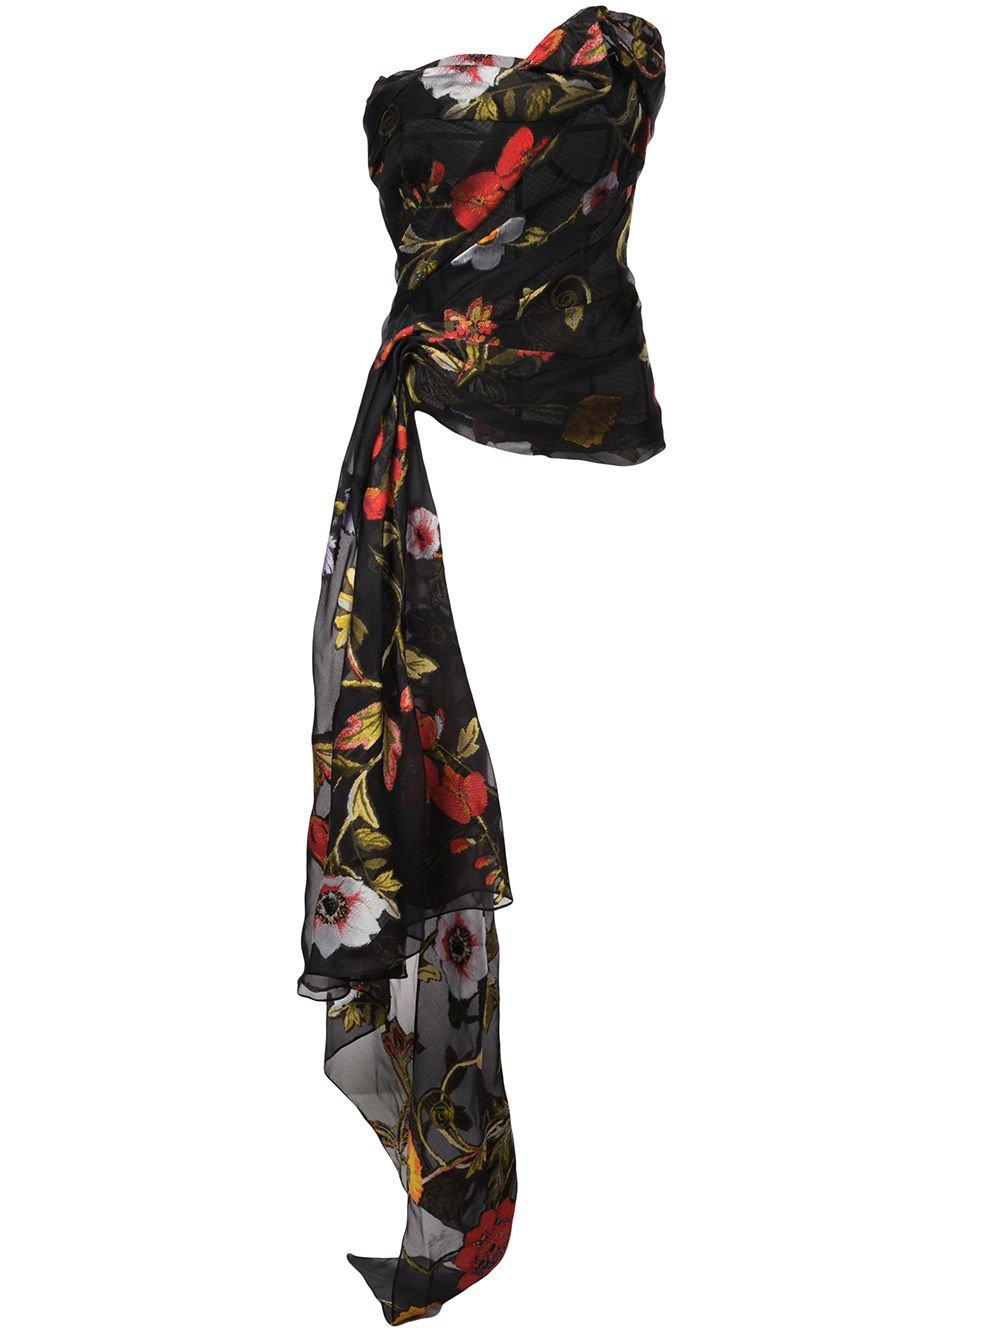 Oscar De La Renta Strapless Asymmetric Floral Top - Farfetch